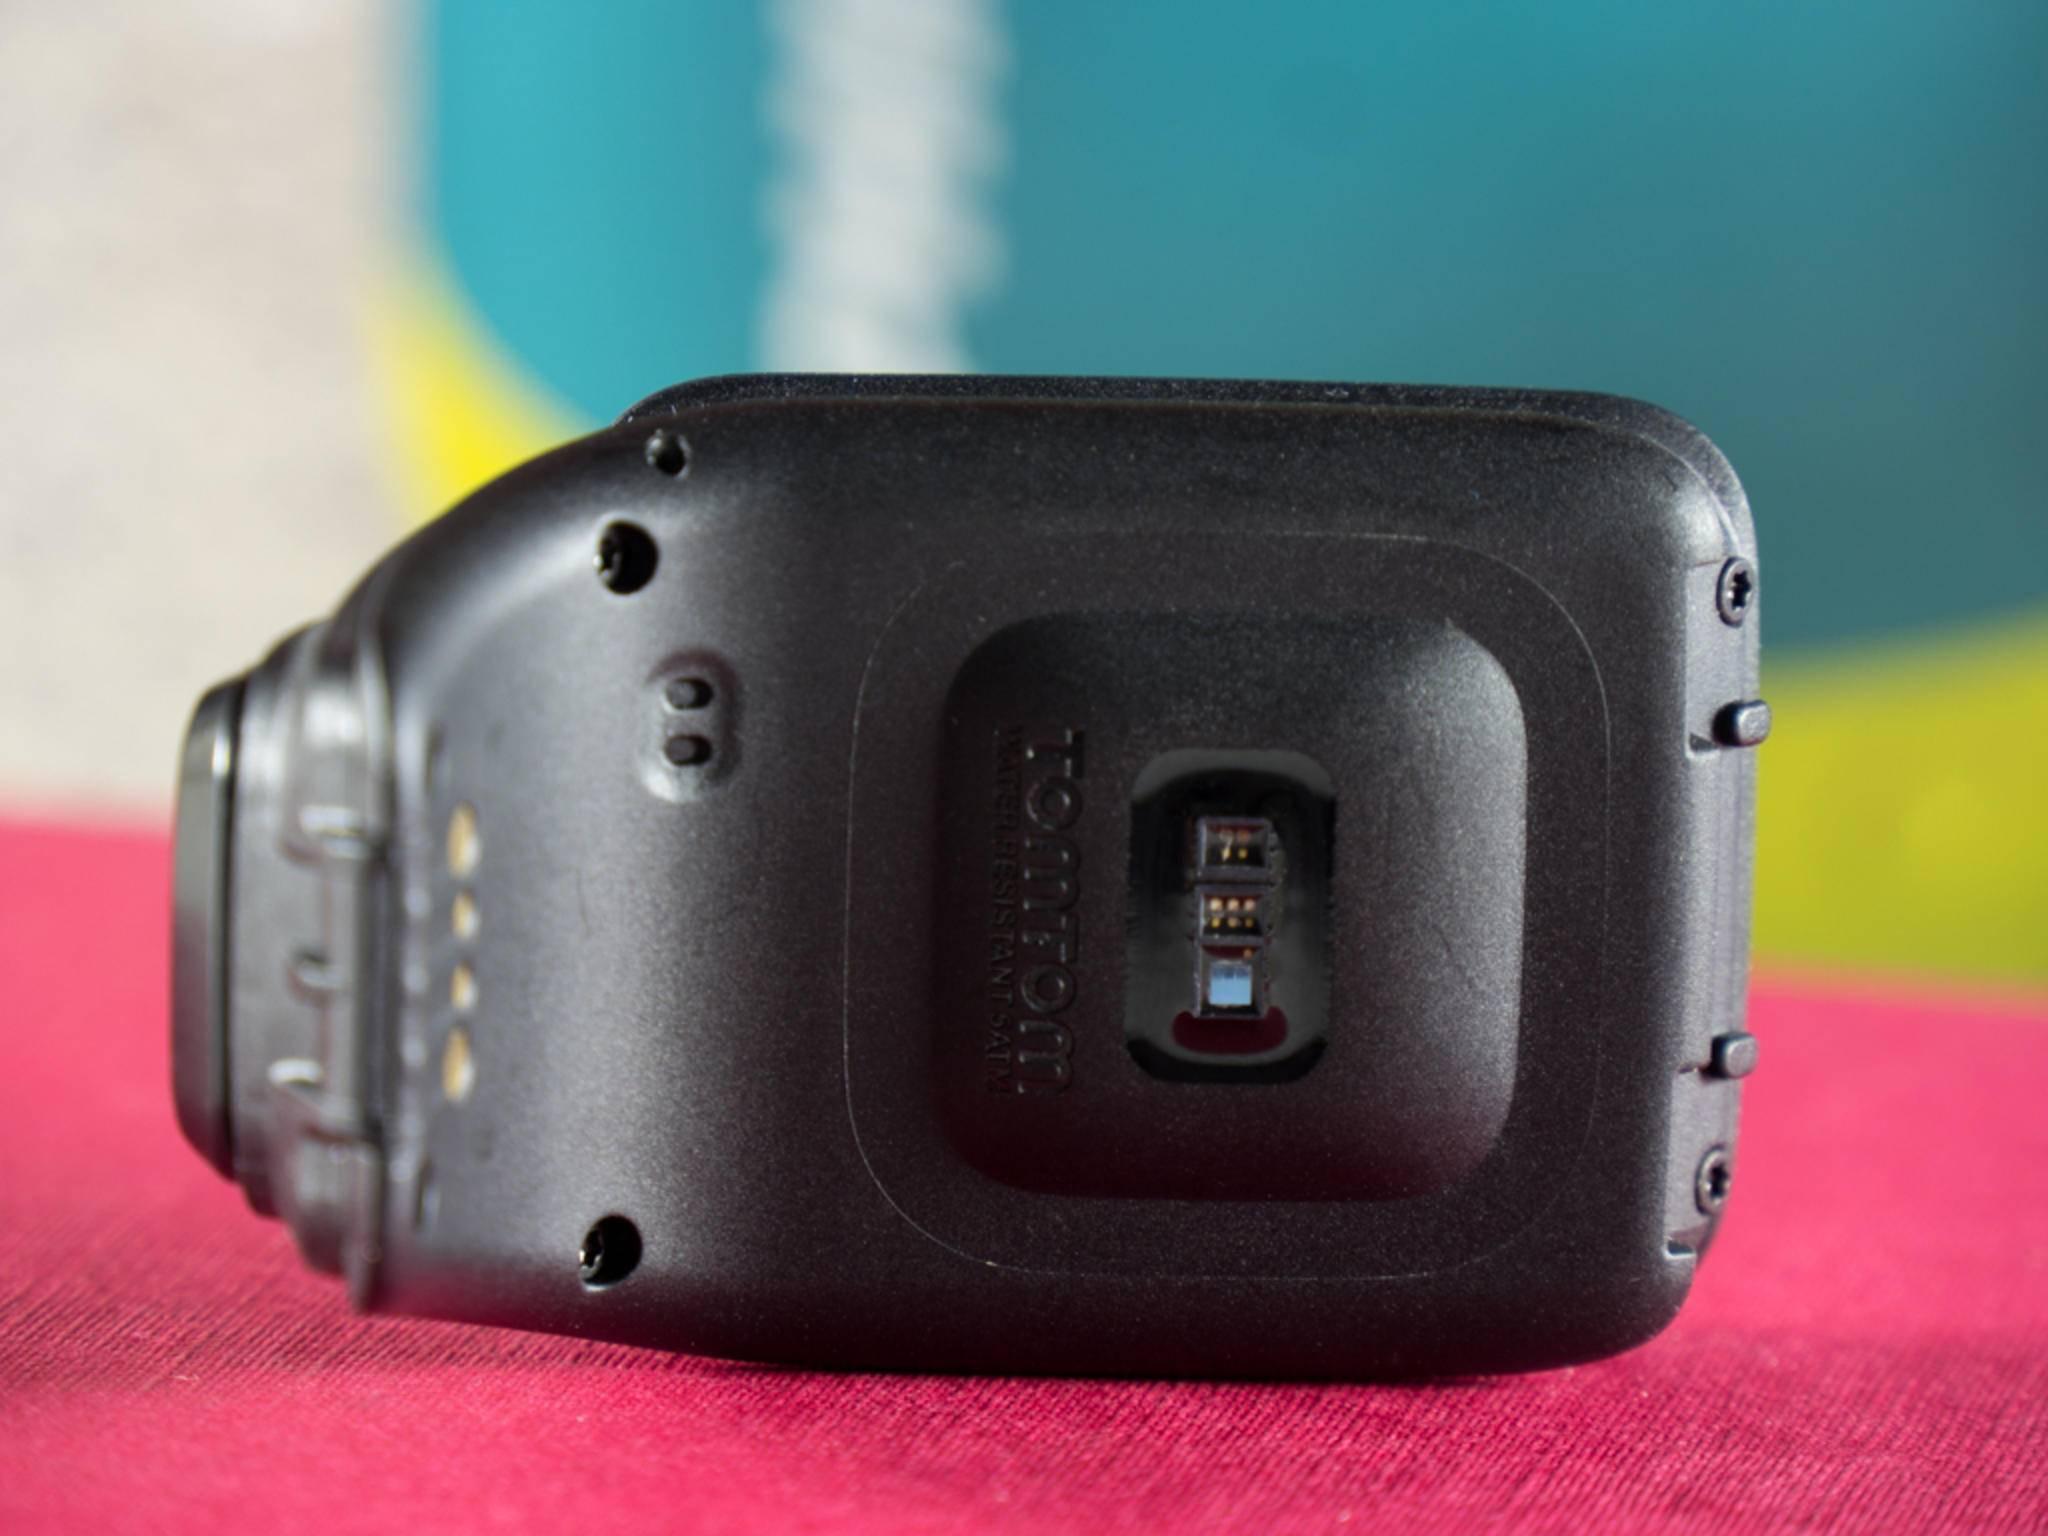 Mit den Sensoren auf der Rückseite wird der Puls gemessen.